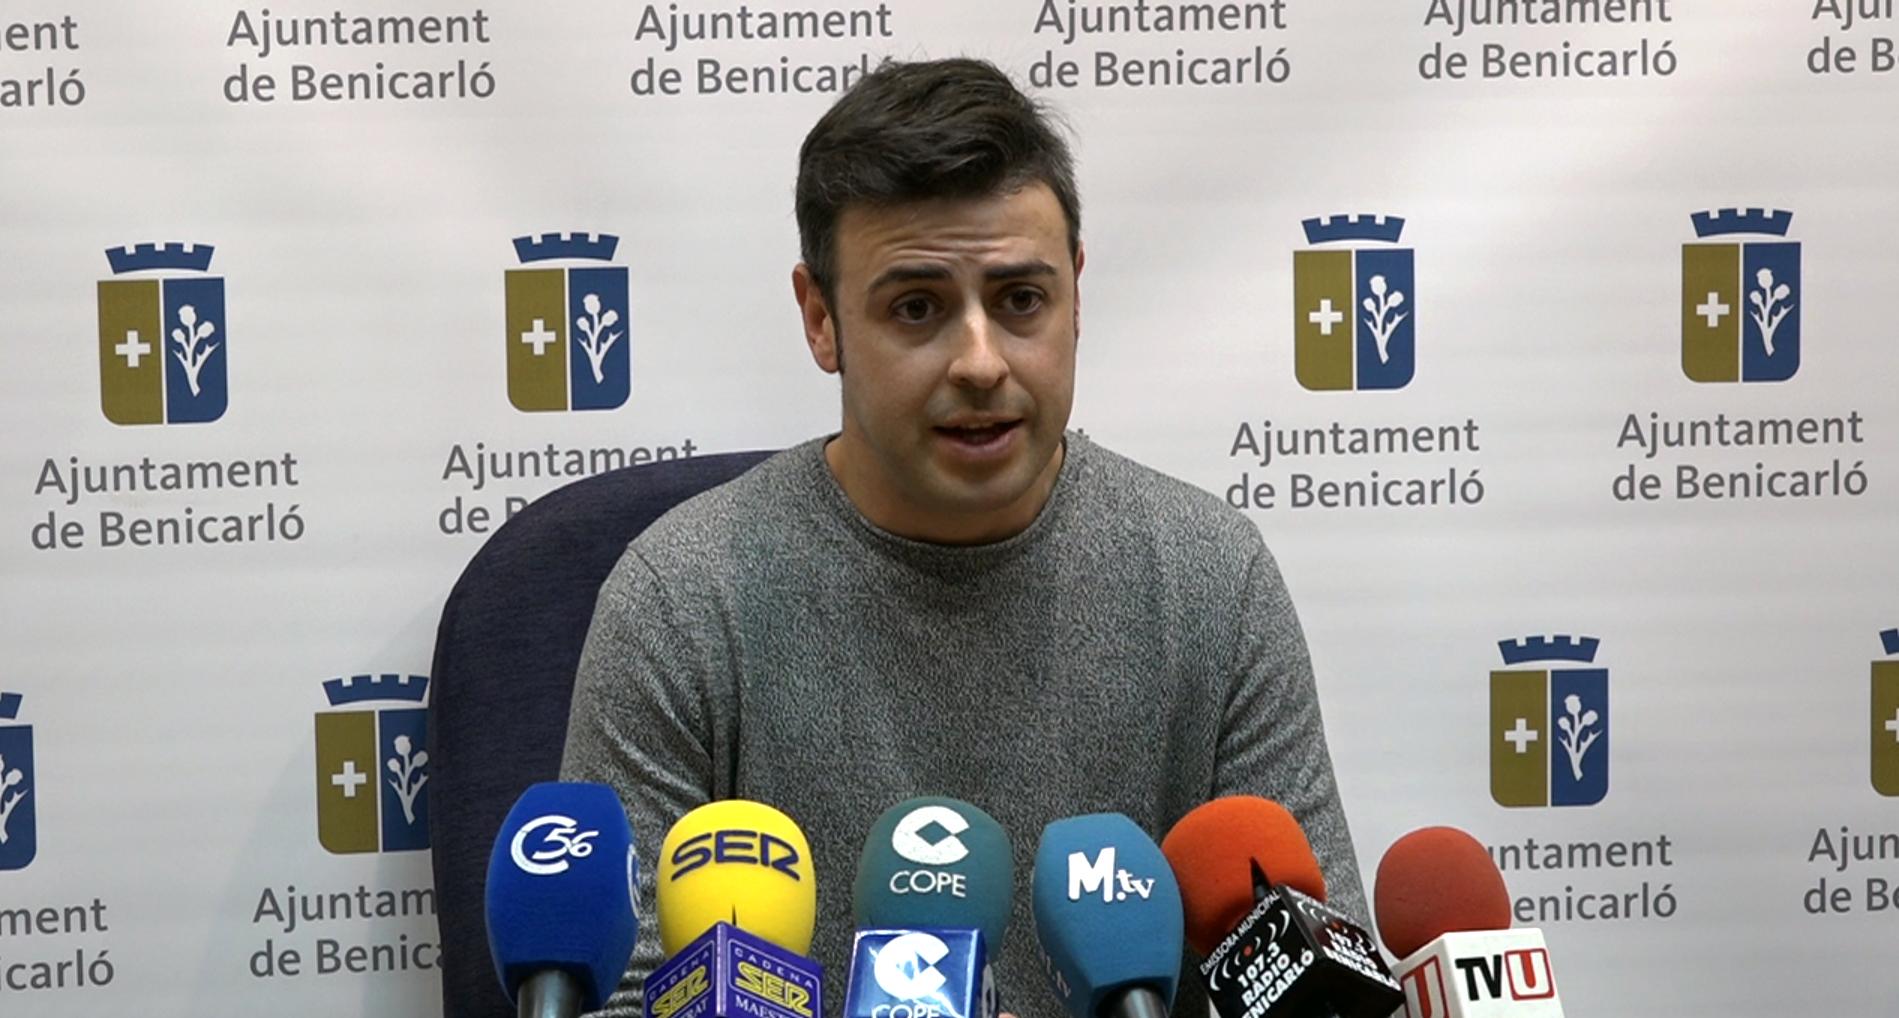 Benicarló, l'Ajuntament fa un balanç positiu de les Festes de Nadal